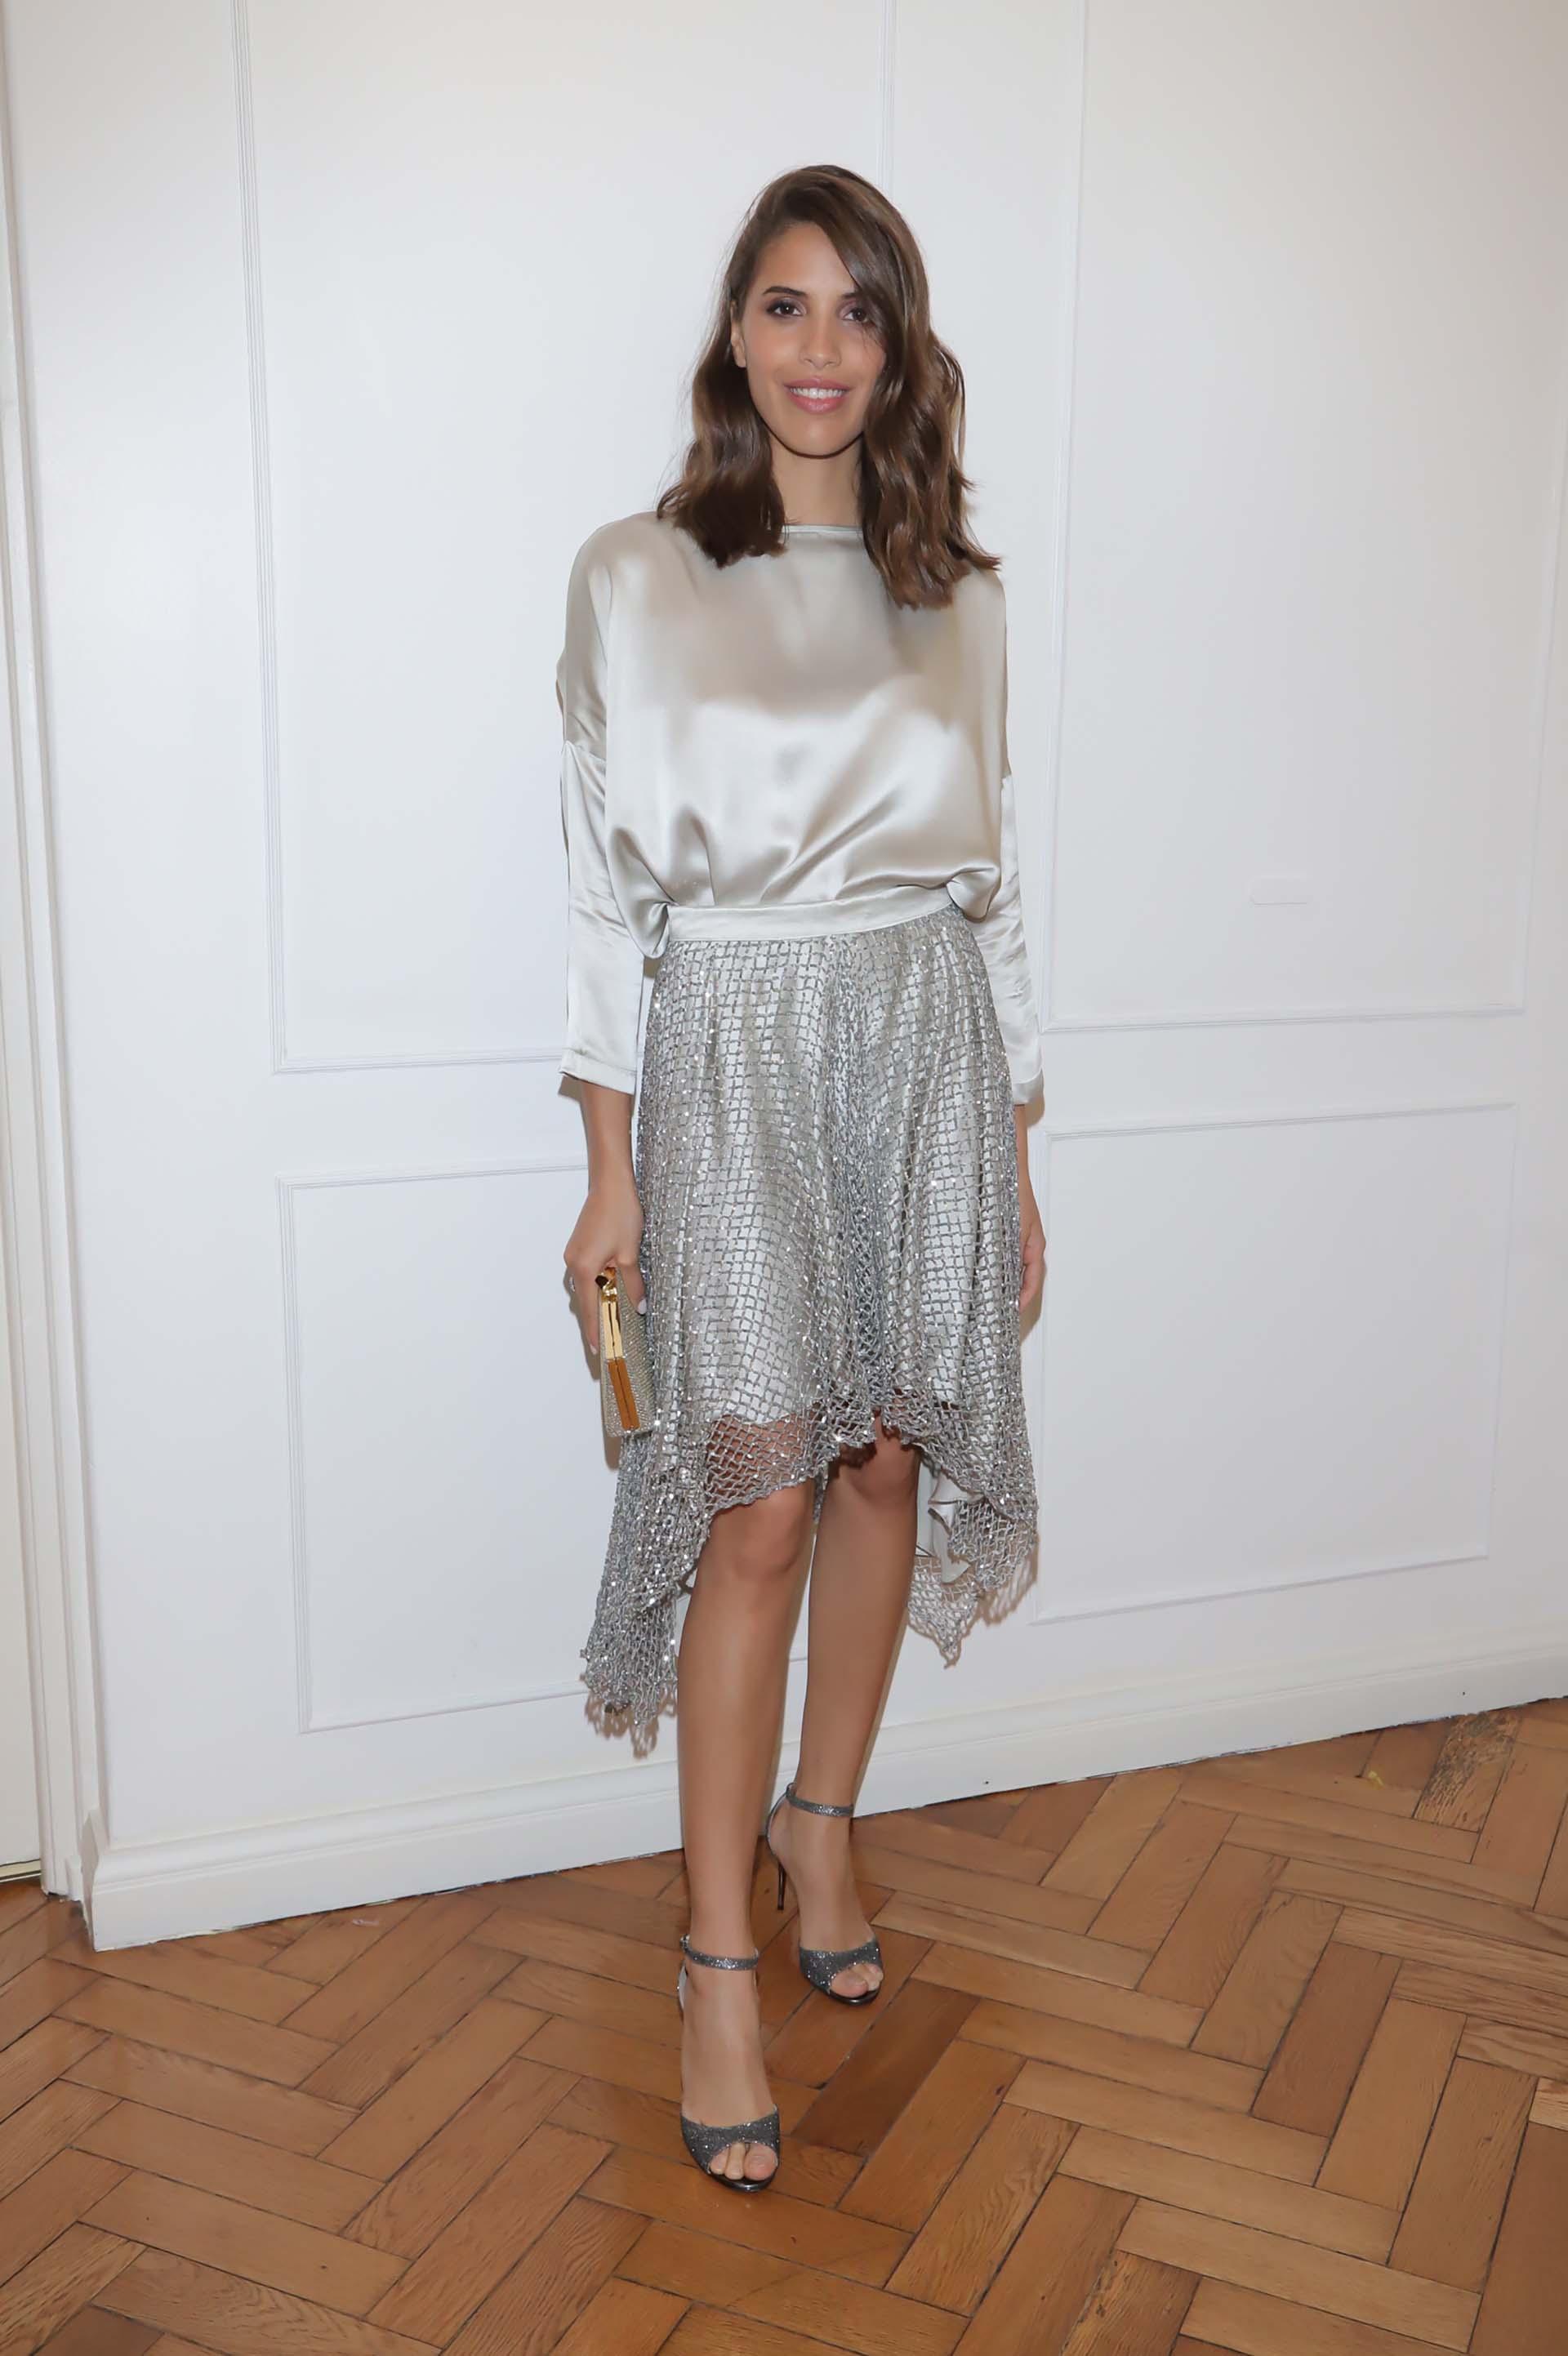 La modelo Taína Ferreira, musa de la marca, también estuvo presente en el cóctel